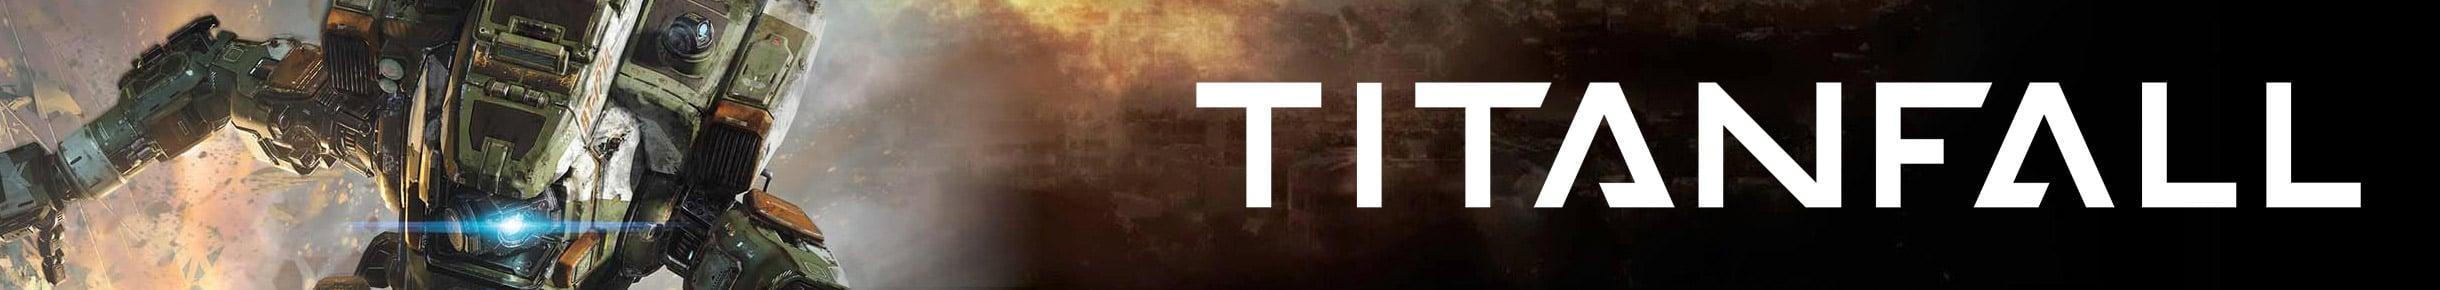 Titanfall Merchandise Banner